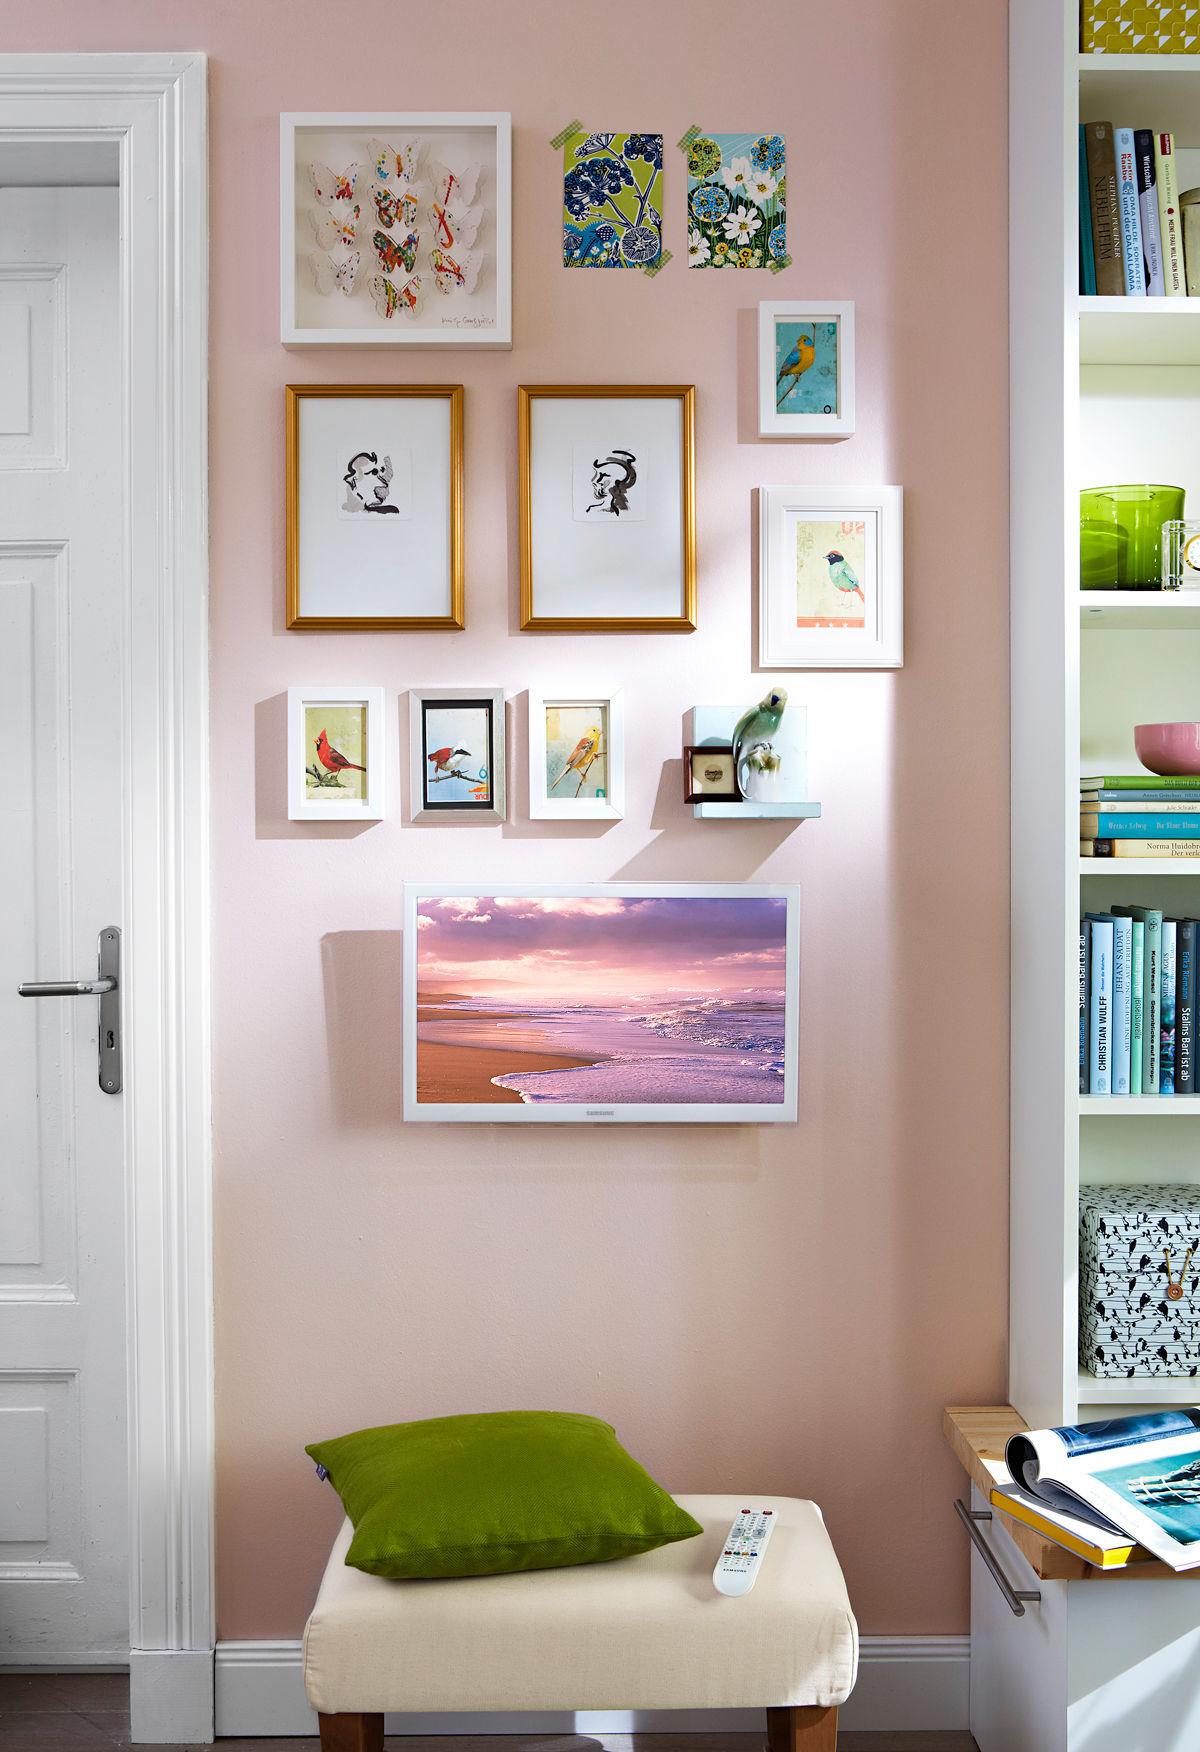 deko accessoires f r wohnliche und pers nliche vier w nde zuhause wohnen. Black Bedroom Furniture Sets. Home Design Ideas